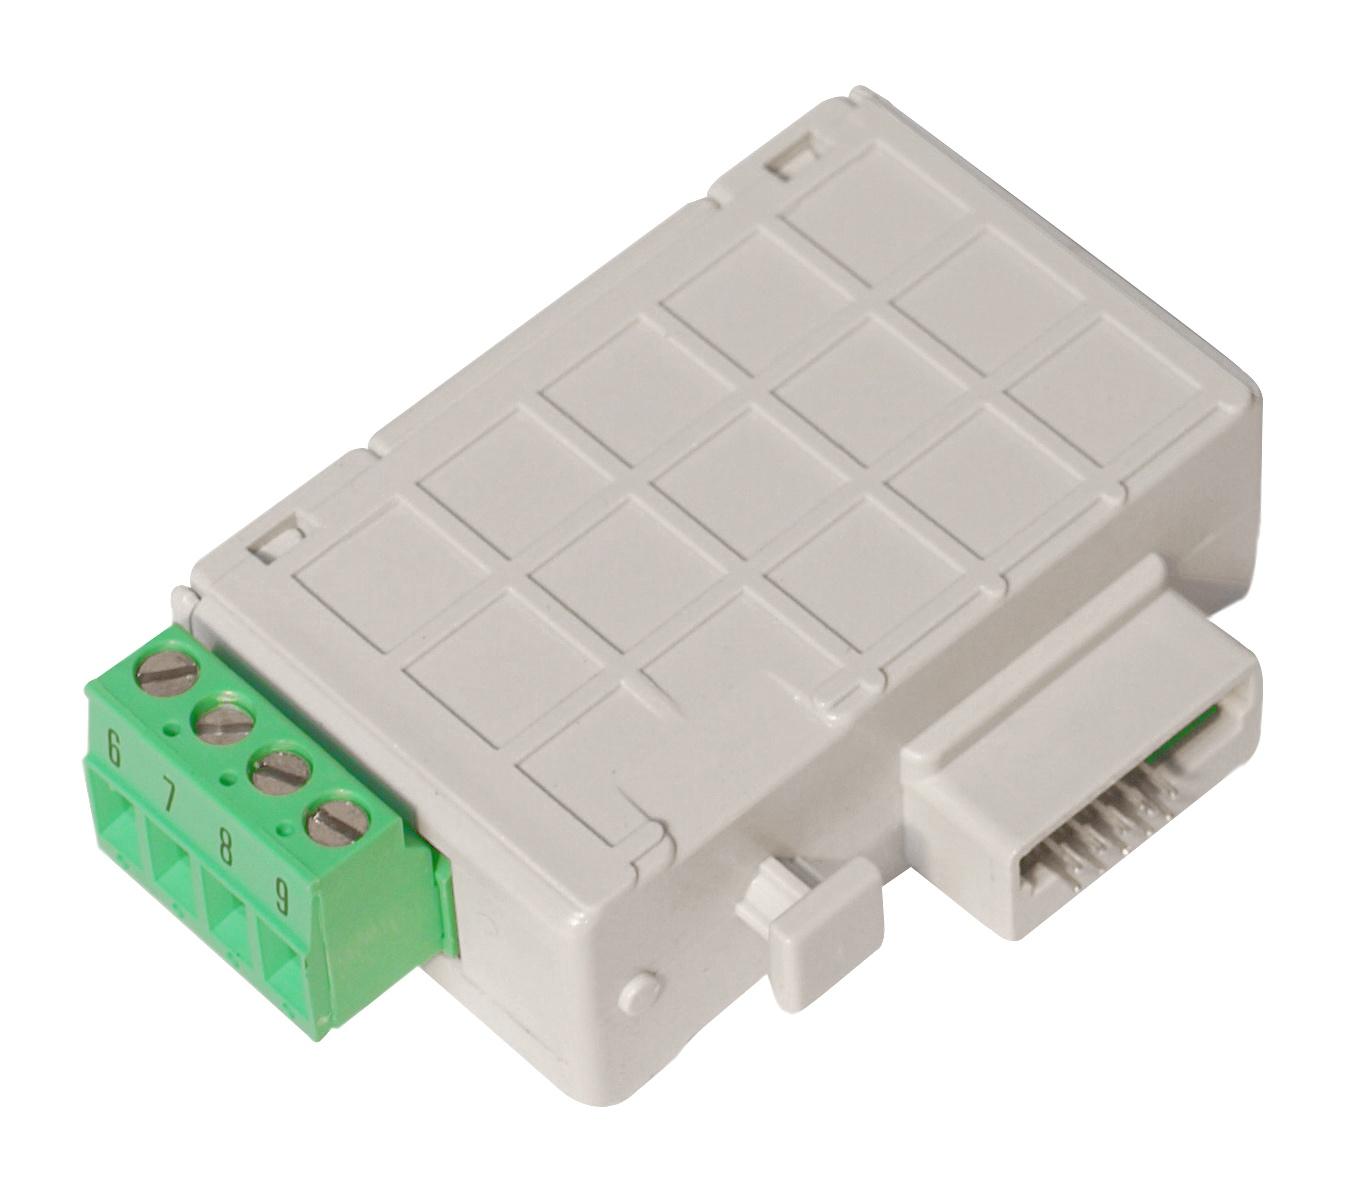 1 Stk Steckmodul für Analogwerte zu NA96 und NA96+ MGF3900M--